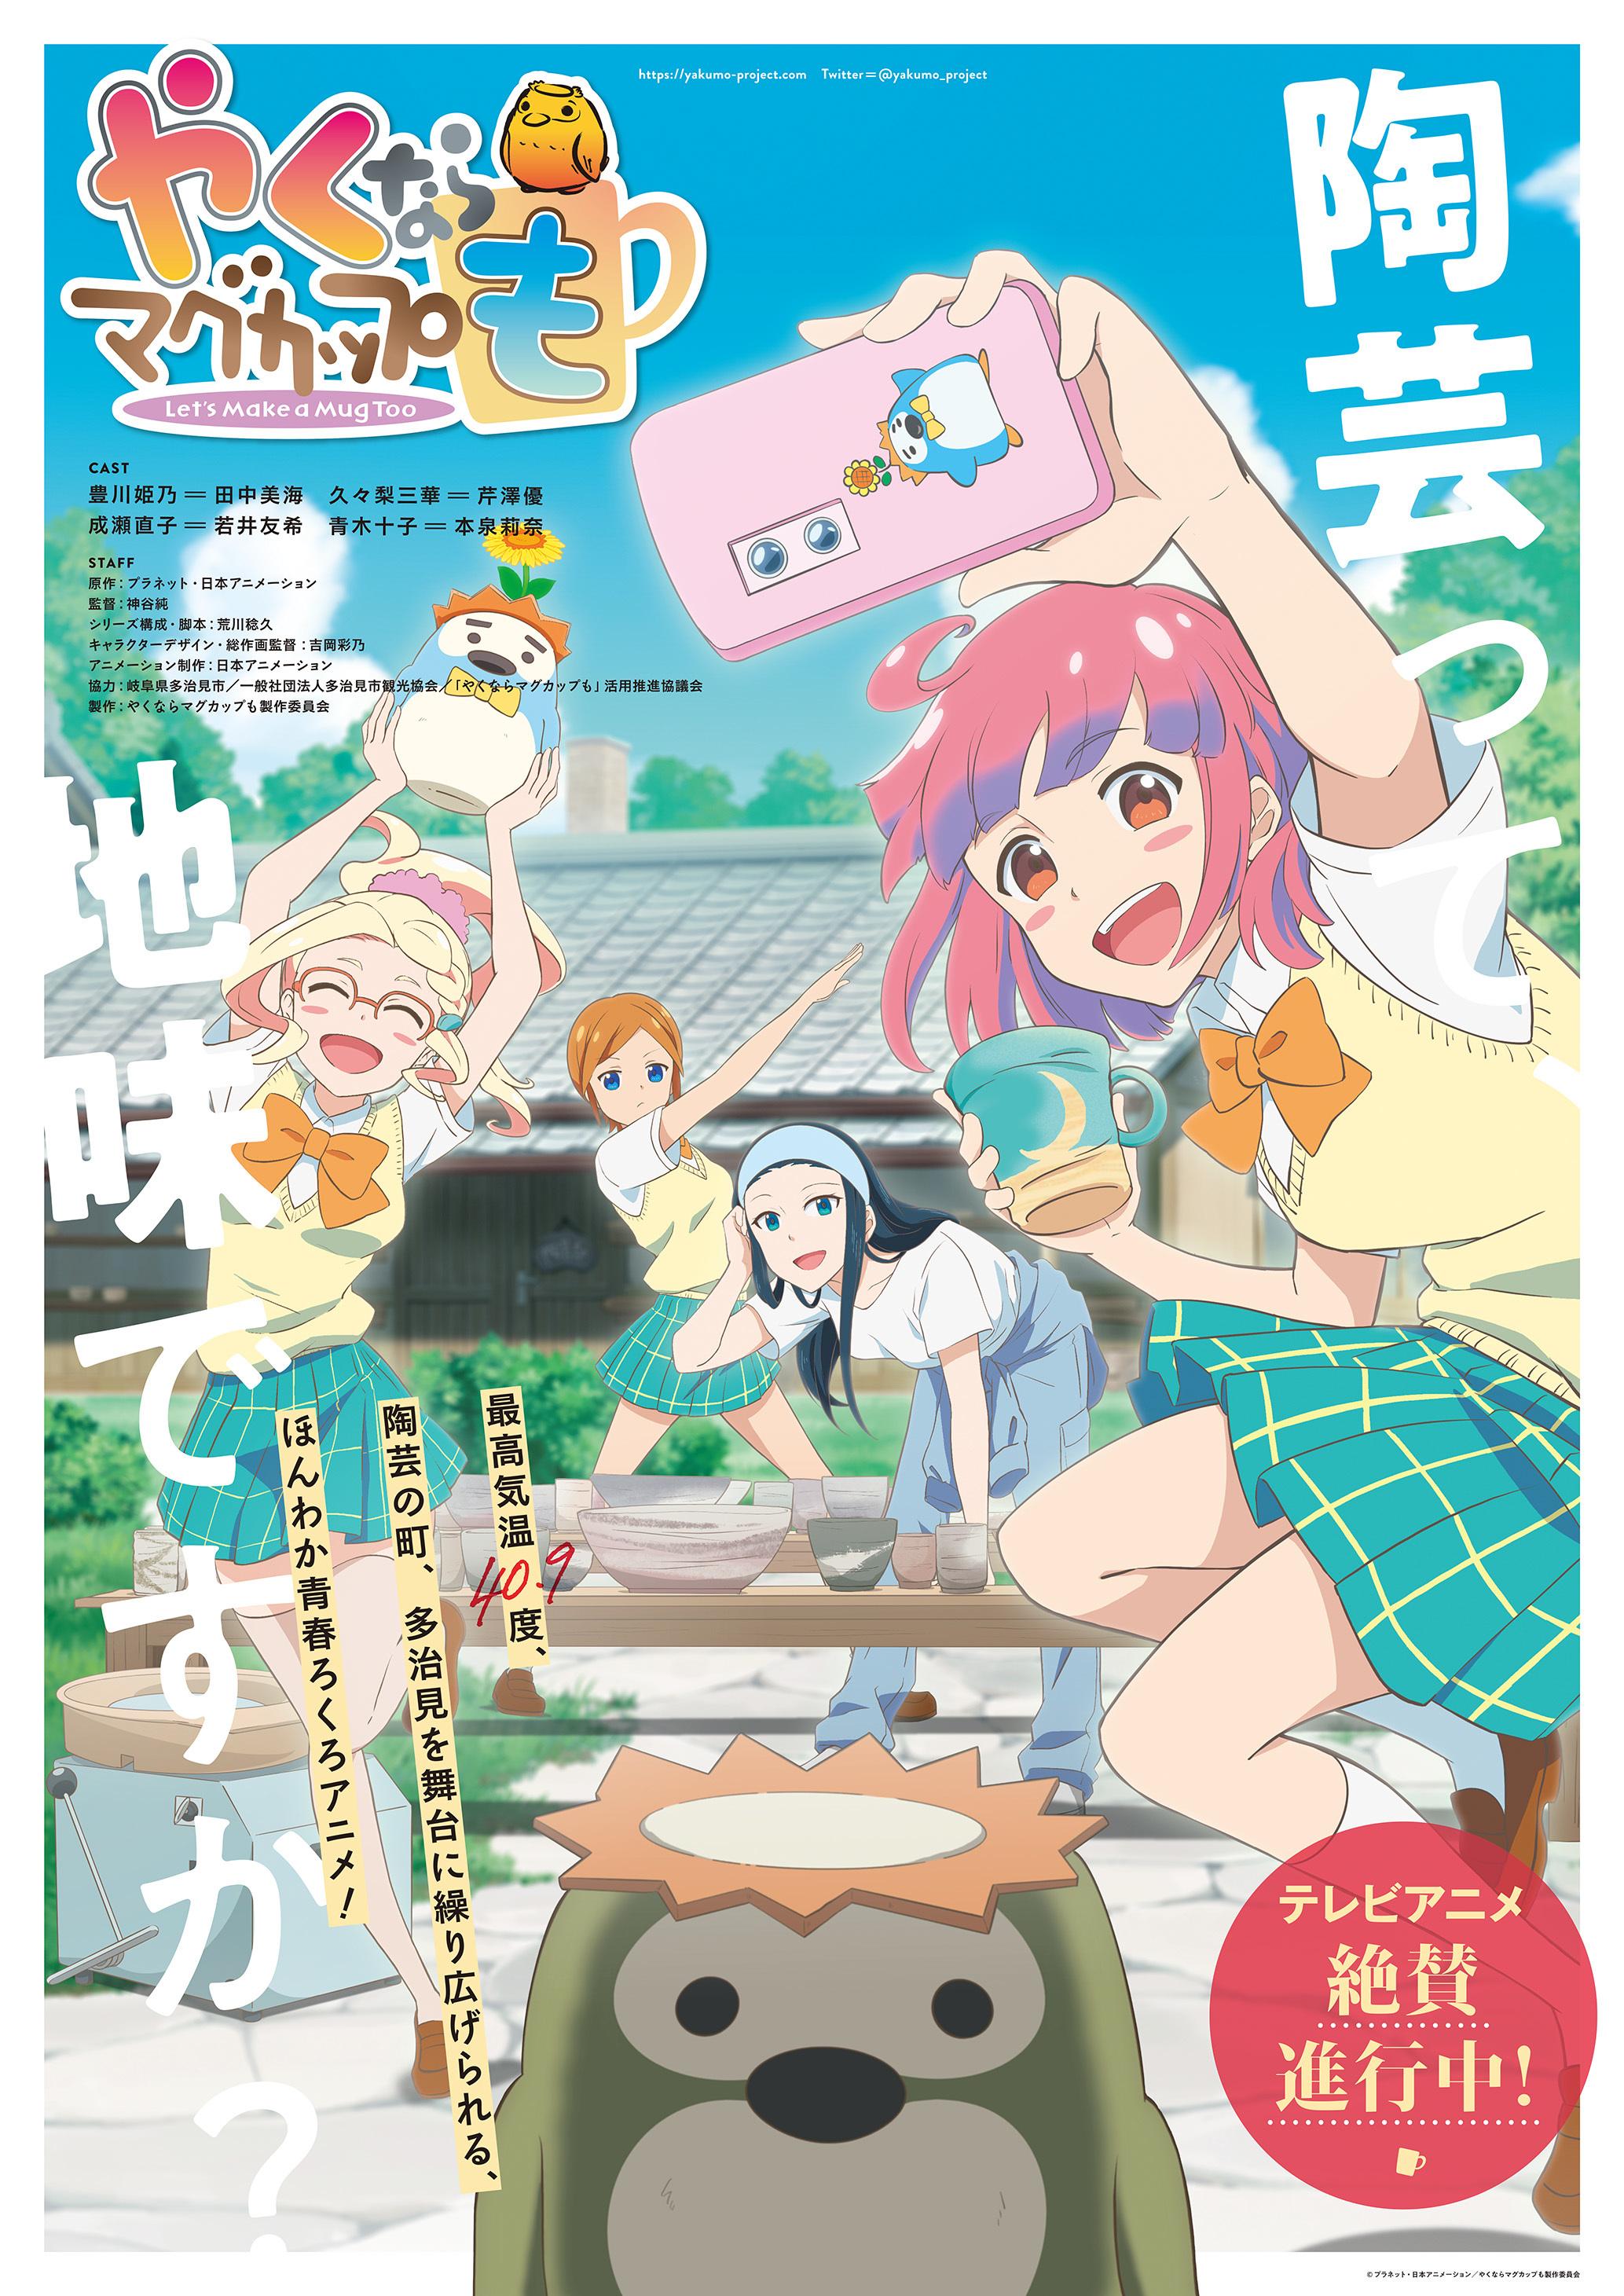 TVアニメ『やくならマグカップも』ティザービジュアル (C) プラネット・日本アニメーション/やくならマグカップも製作委員会